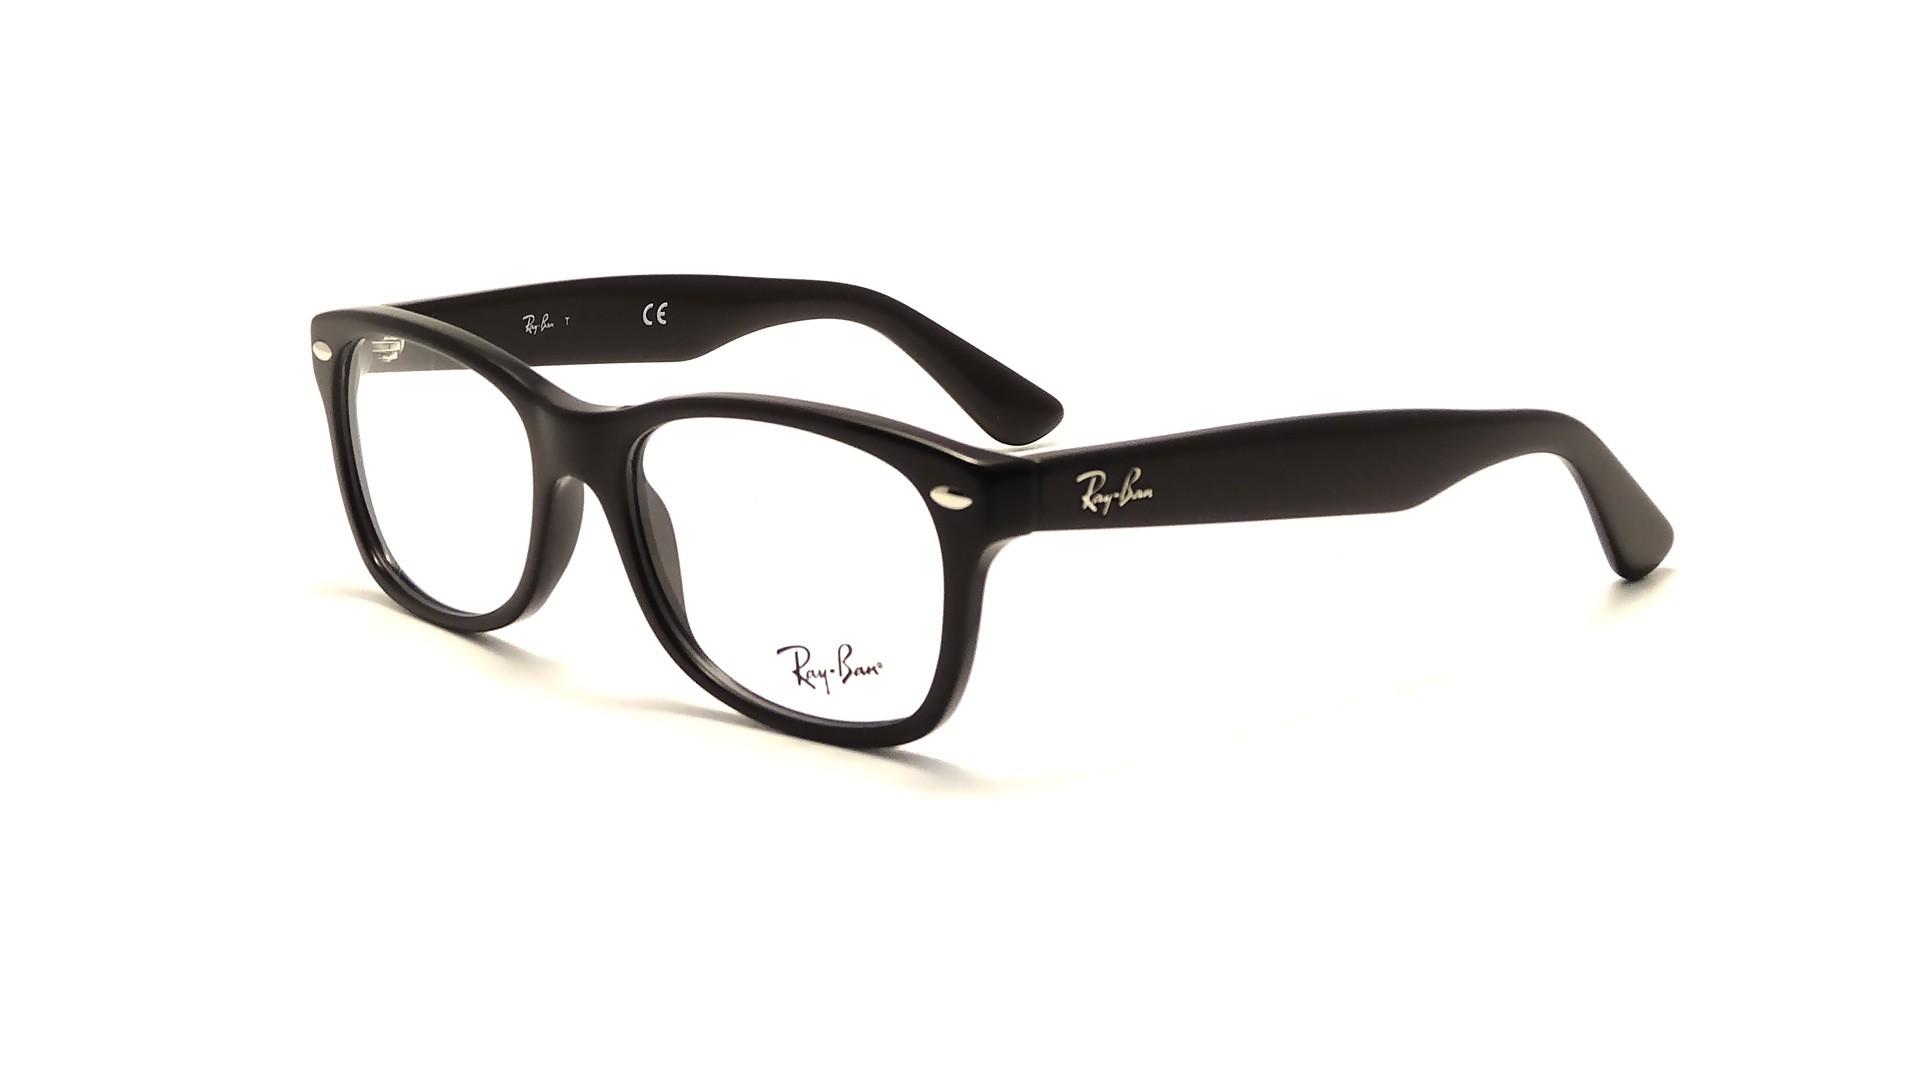 1b9a2c5b46 Eyeglasses Ray-Ban RY1528 RB1528 3542 48-16 Black Junior